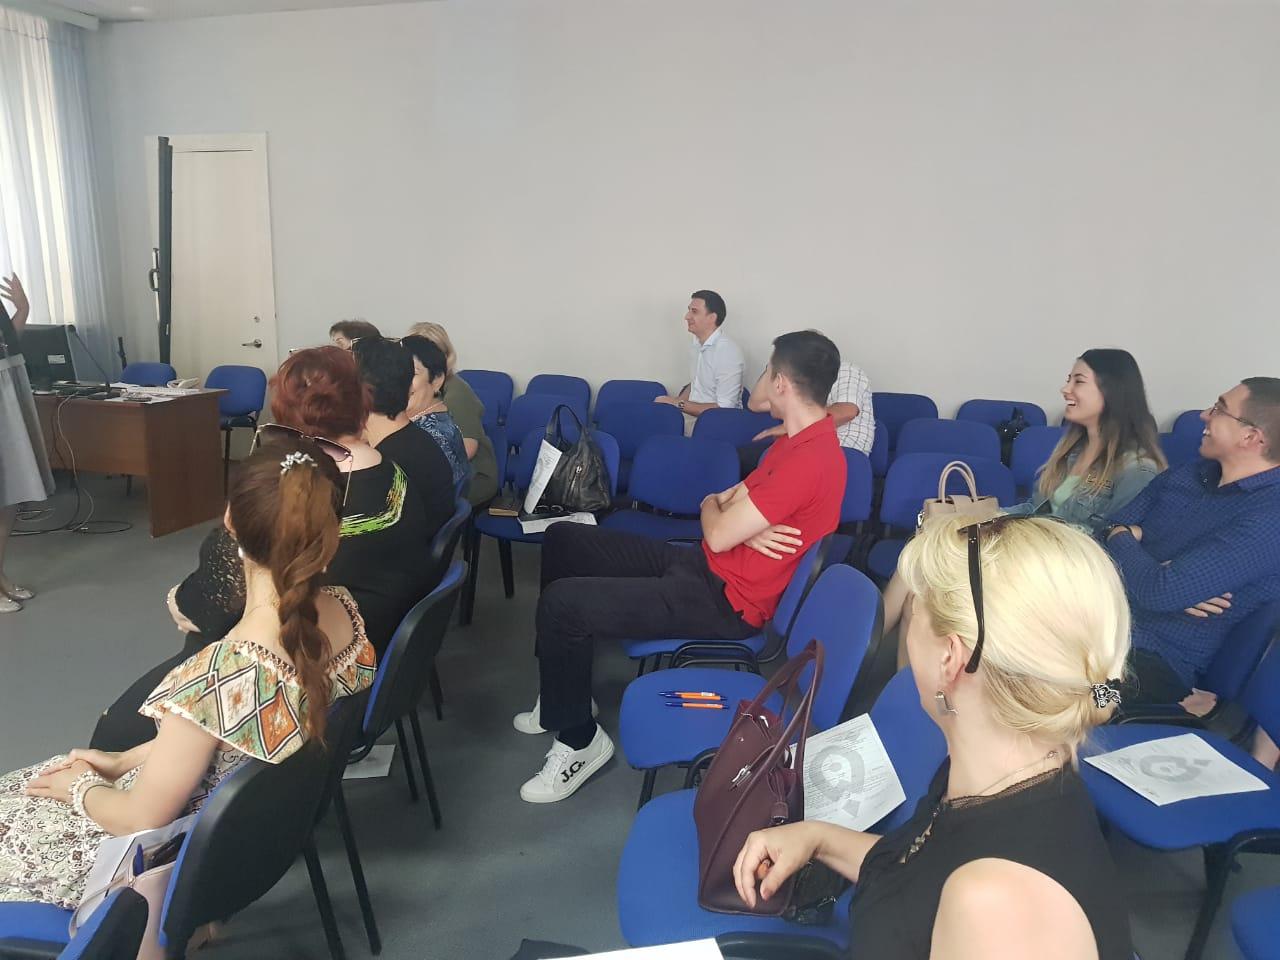 28 июня 2019 года Центром поддержки экспорта Республики Северная Осетия-Алания организован и проведен семинар «Эффективная деловая коммуникация для экспортеров»  образовательной программы Российского экспортного центра.